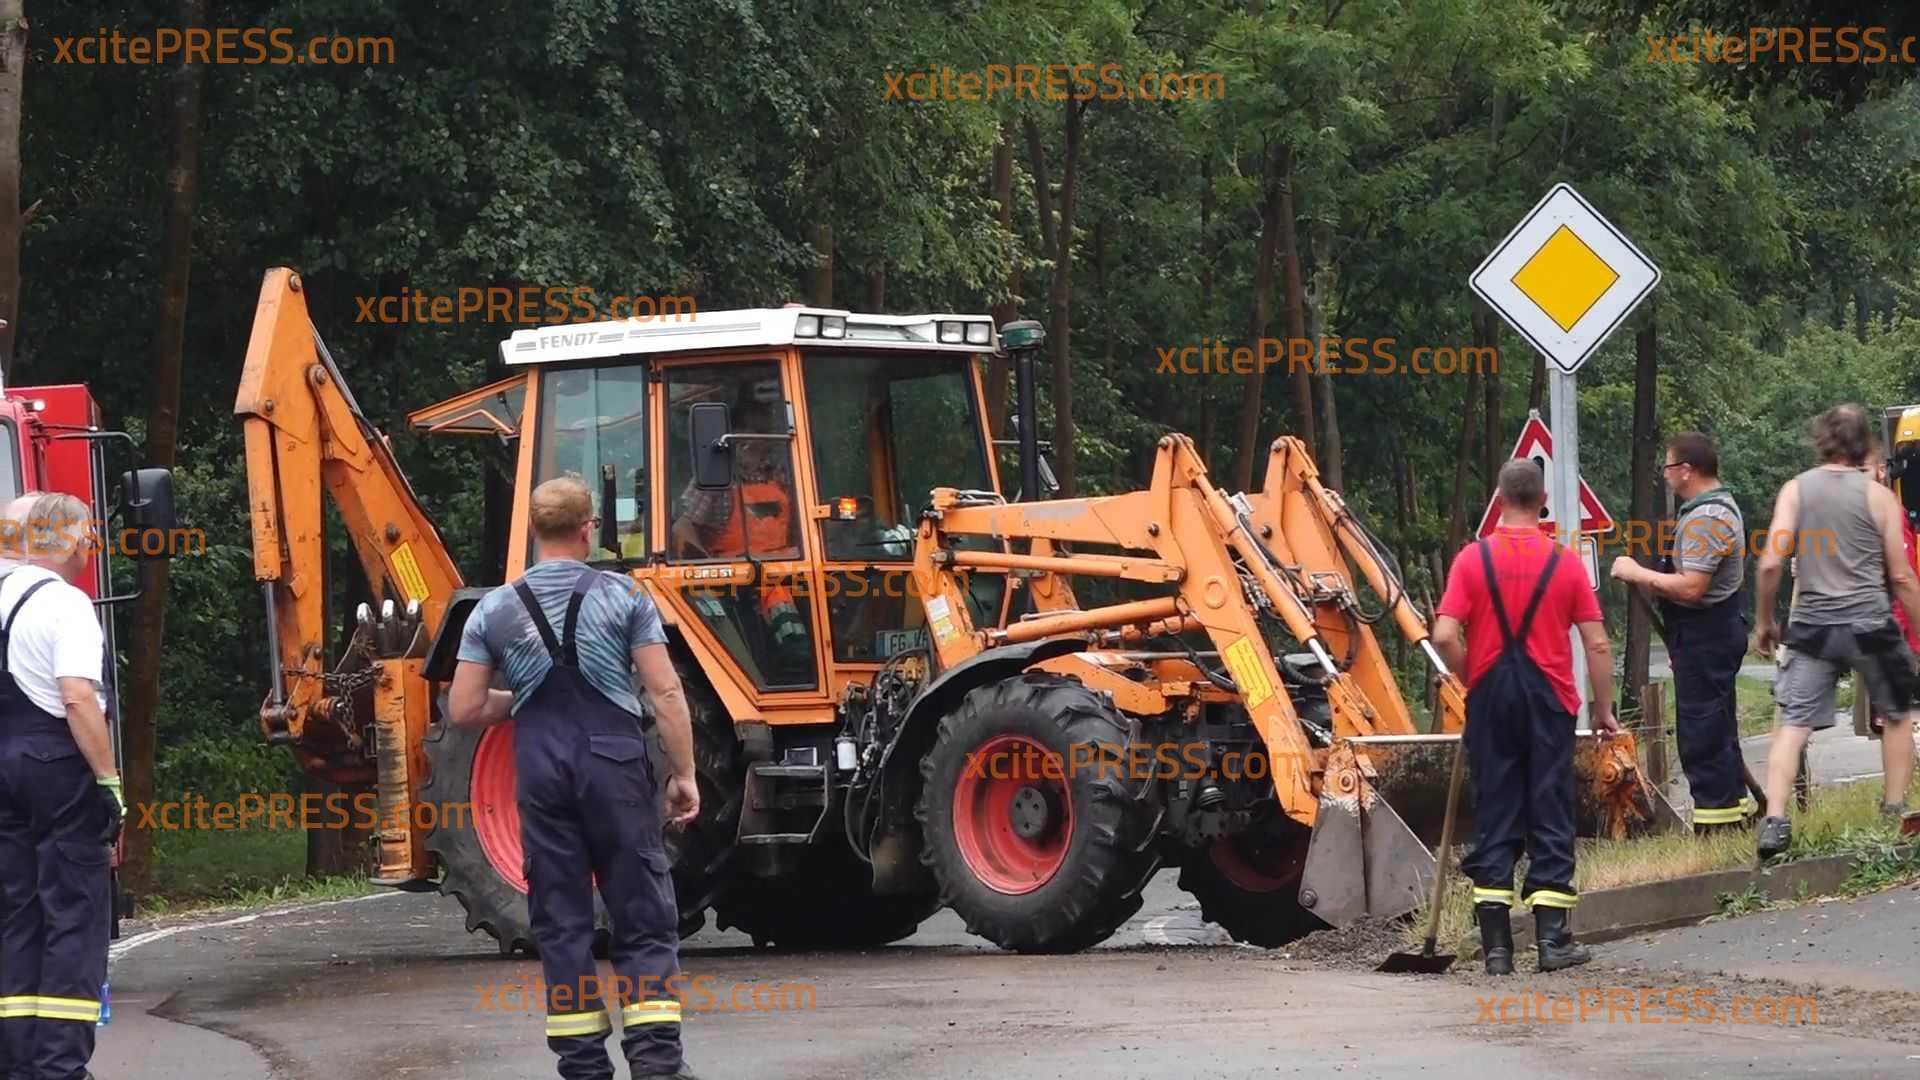 Nach heftigem Unwetter über Mittelsachsen - Aufräumarbeiten mit schwerem Gerät: Wasserpegel sinken langsam wieder